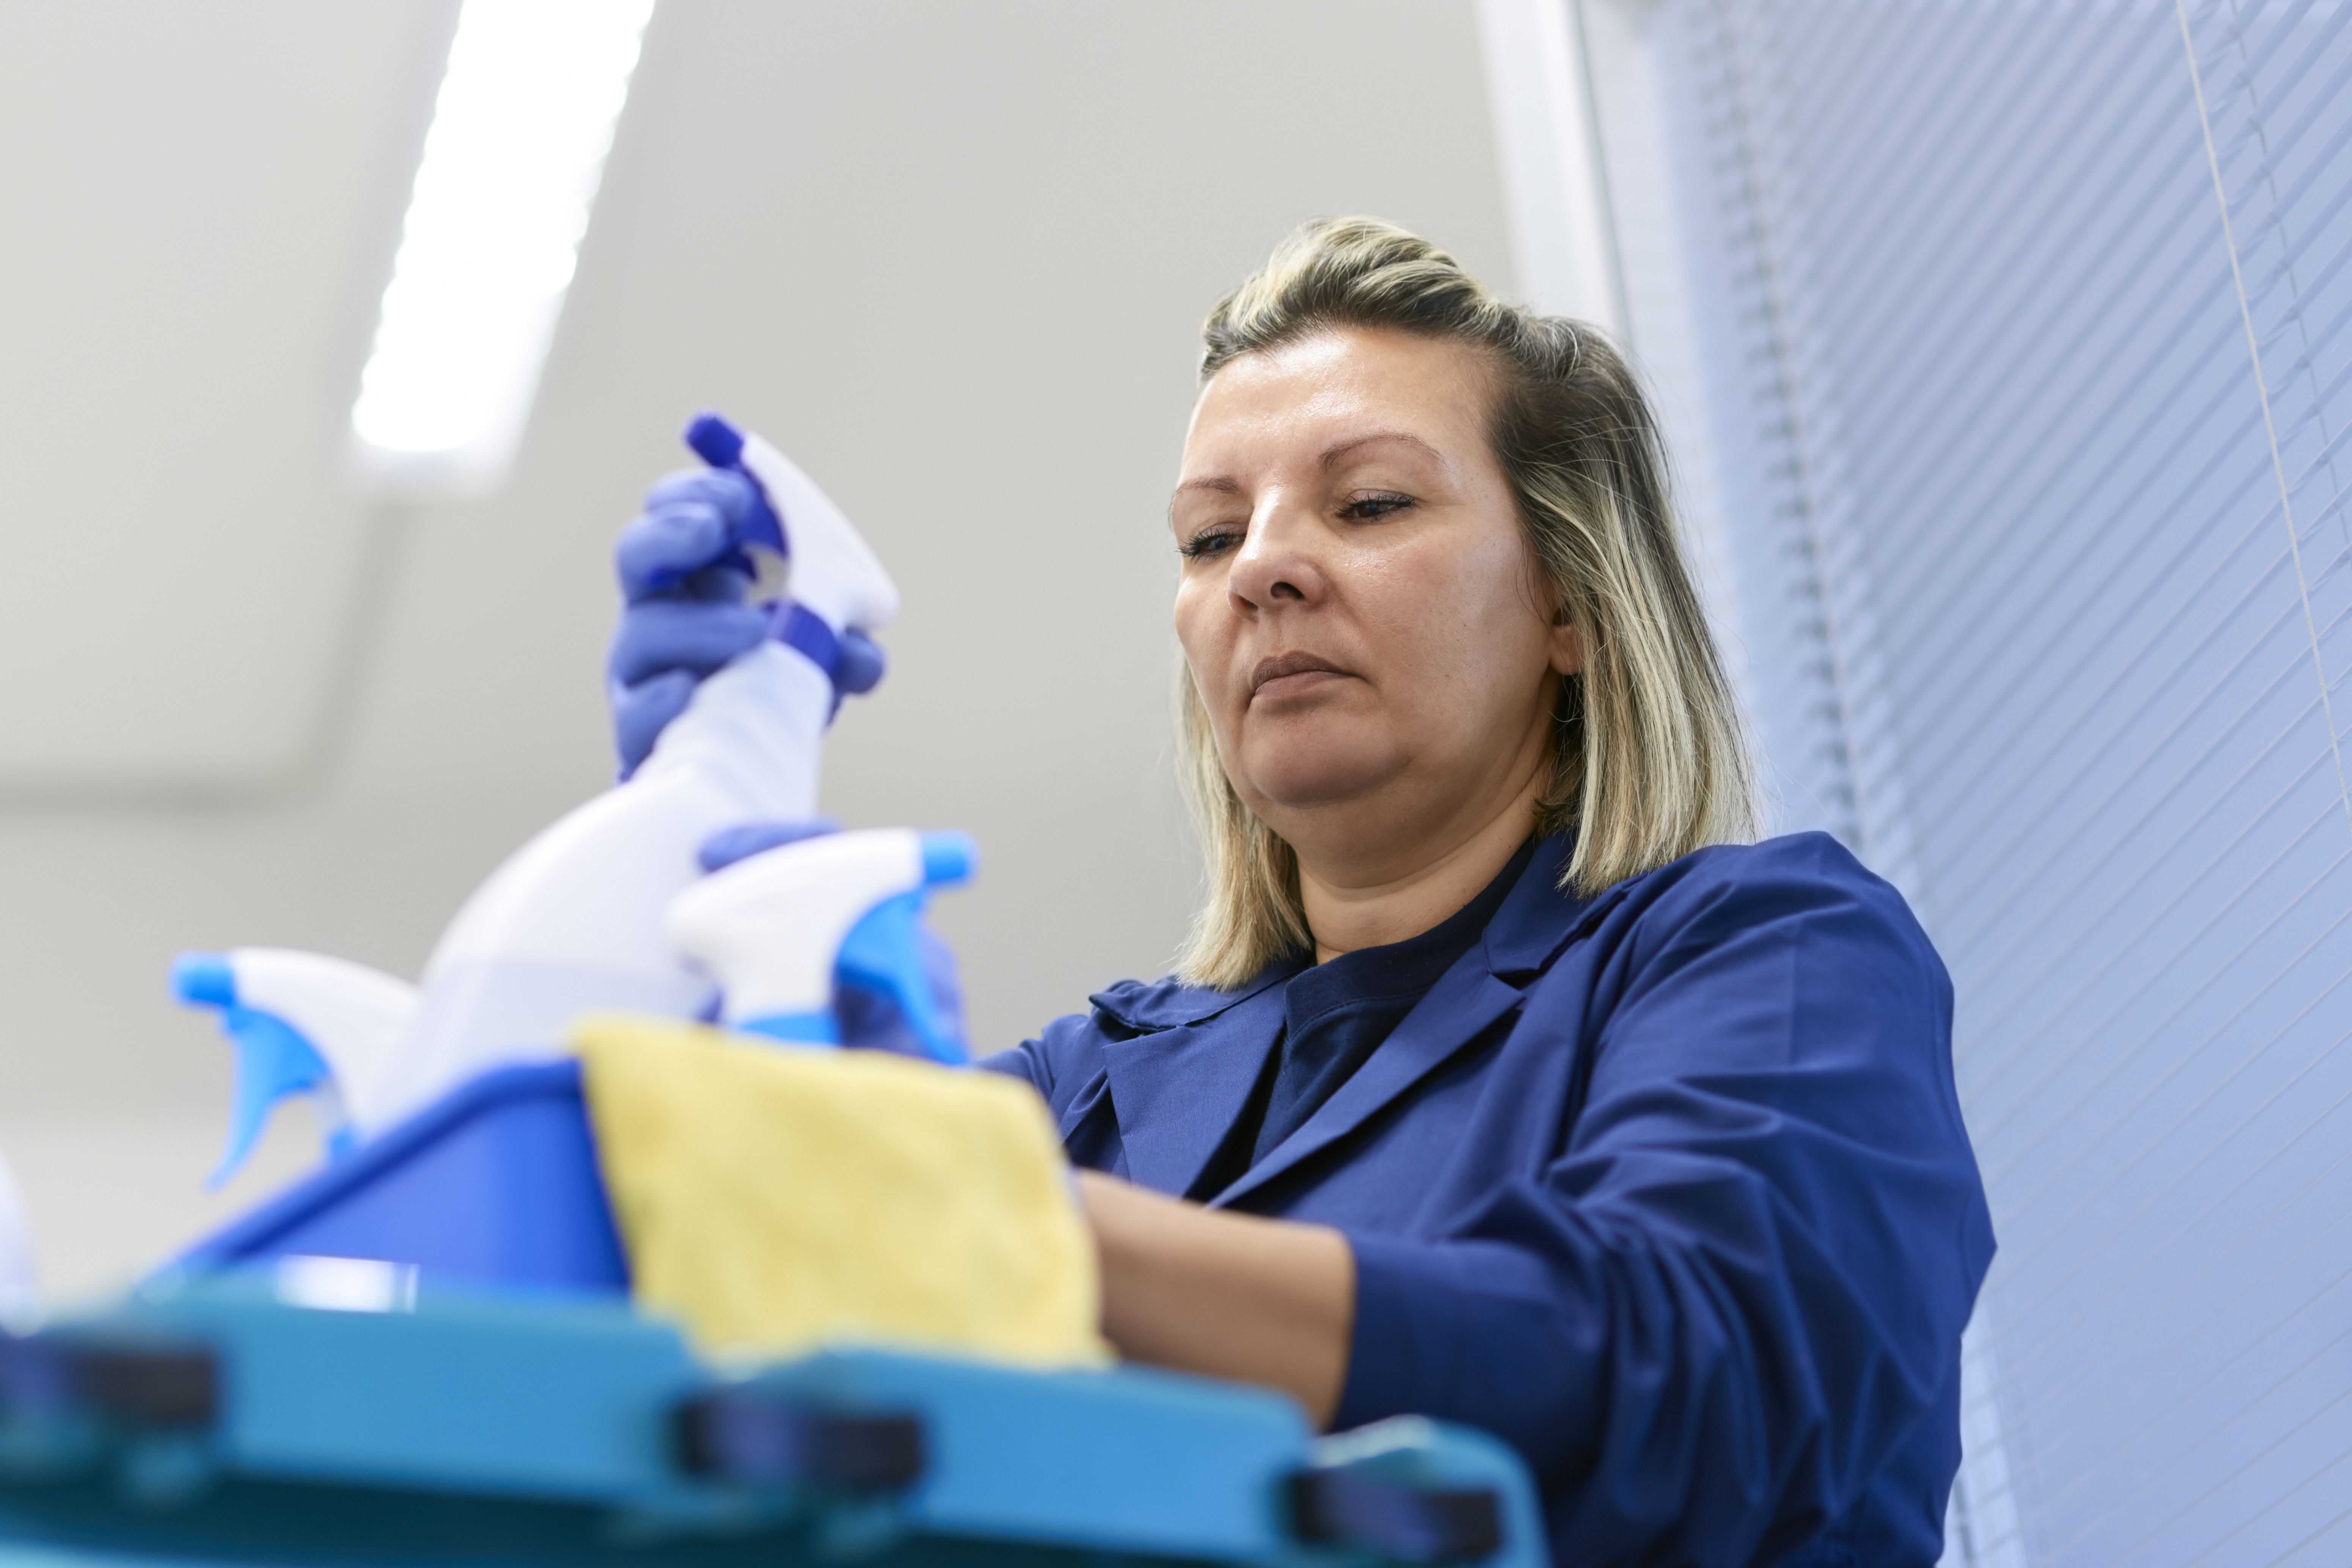 Kvinnor tycks vara mer sårbara för kemikalier, och därmed mer utsatta för rengöringsmedlens effekt på lungorna, än vad männen är.